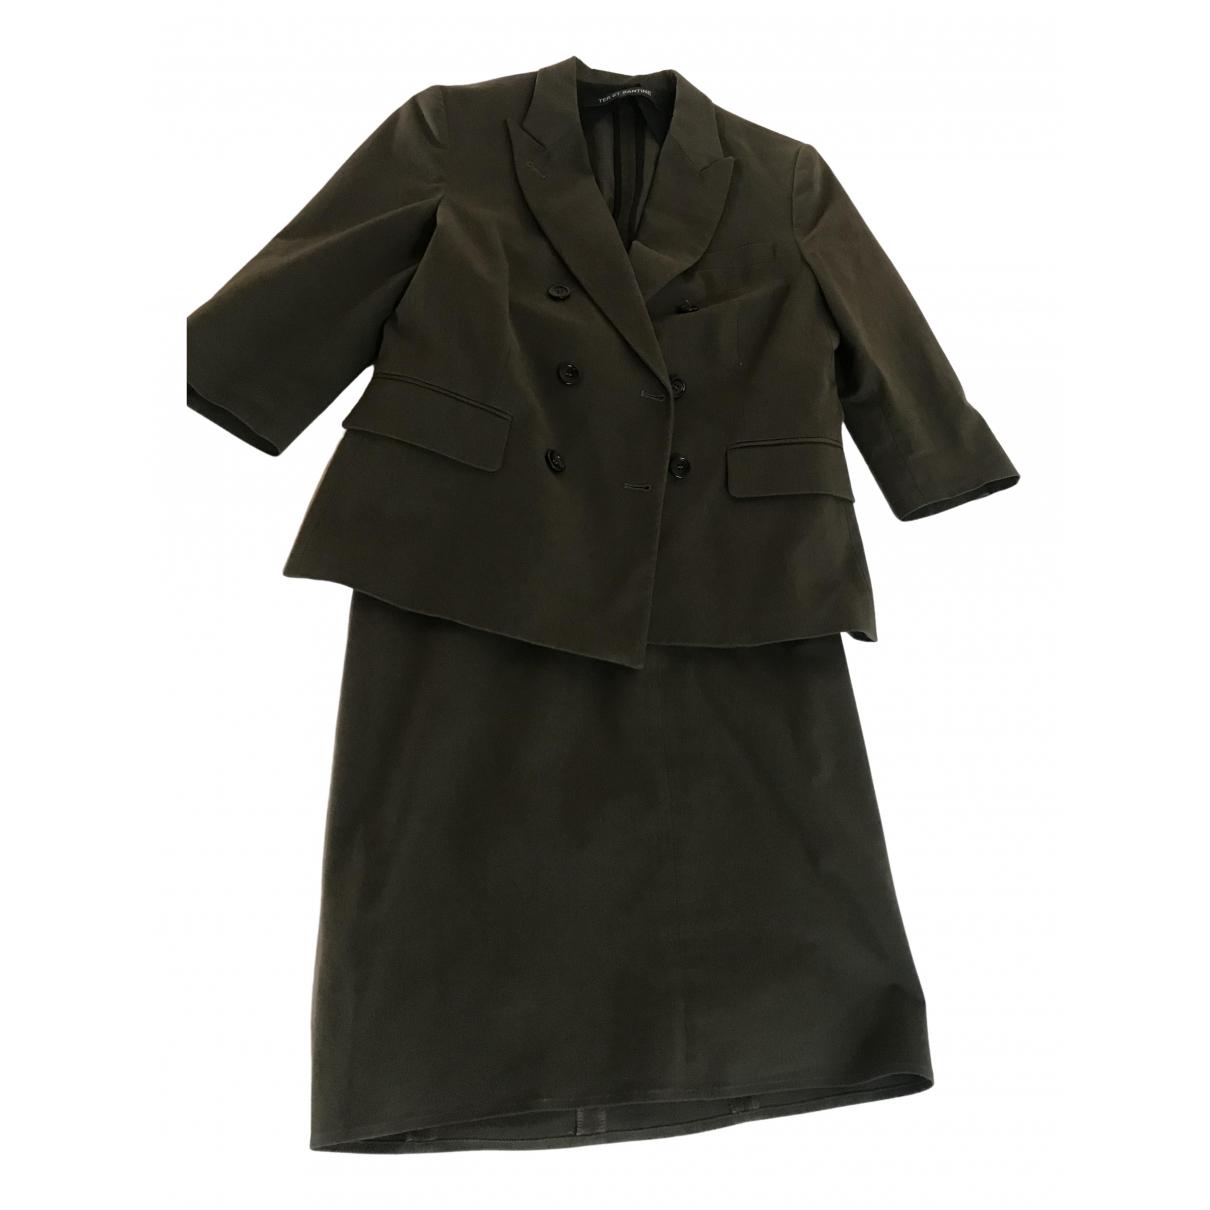 Ter Et Bantine \N Kleid in  Gruen Baumwolle - Elasthan